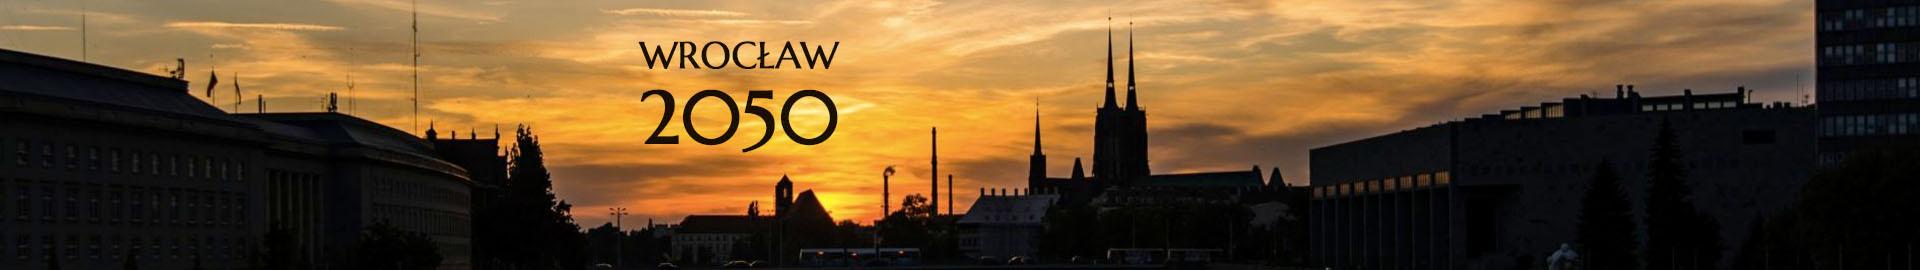 Wrocław 2050